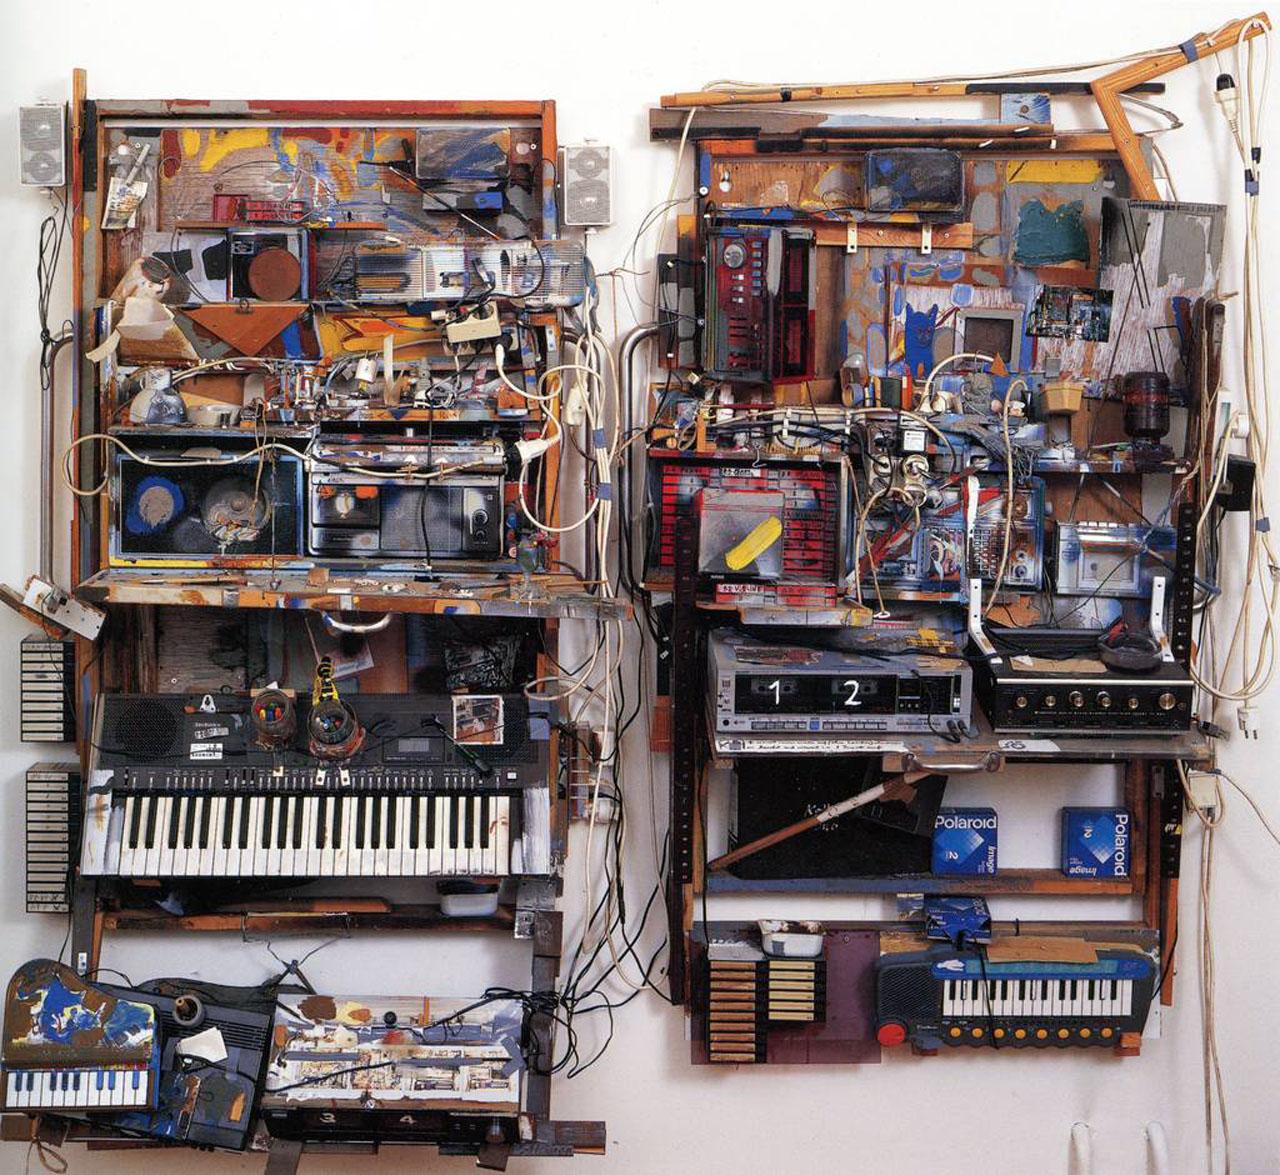 """""""Keller-Duo"""" (1980–1989) built with Bjoern Roth. Kisten mit Klappdeckeln, Trinkutensilien, Audiokassetten, Radiogeräten, Aufnahmegeräten, Lautsprechern, Öl, Acryl, Marker, Elektro-Klaviere, Violine, Kabel u.a.m. Dieter Roth, Foundation, Hamburg Foto: Florian Holzherr, © Dieter Roth Estate Courtesy Hauser & Wirth"""